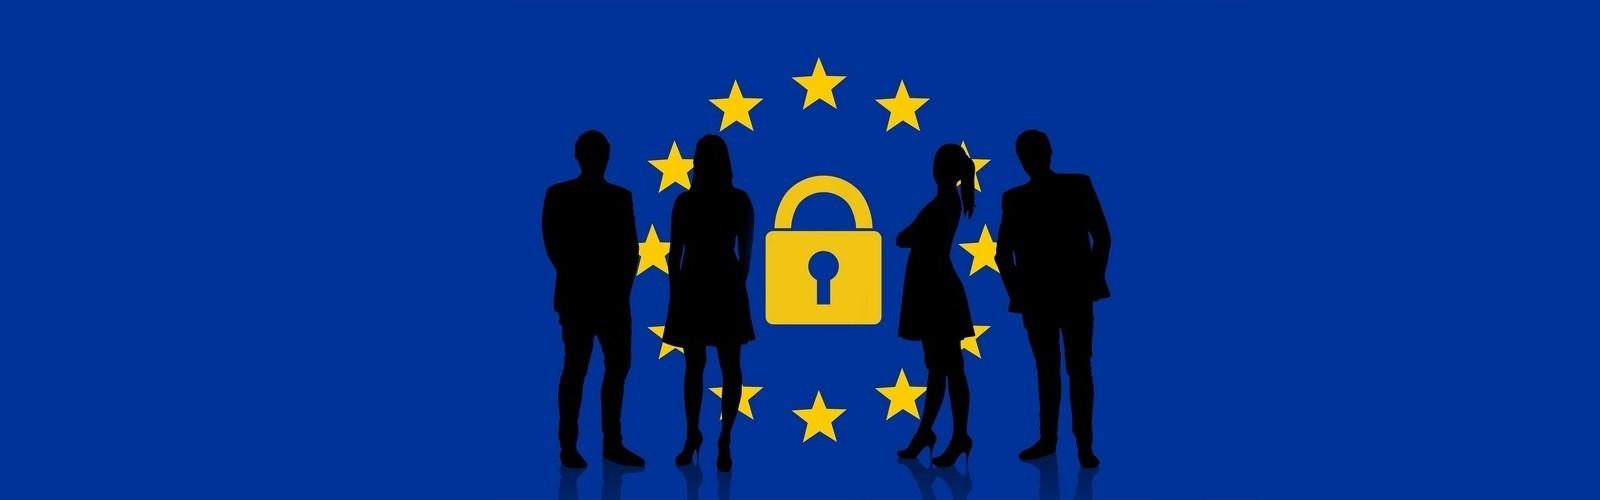 GDPR TIM - tecnologie di protezione dati